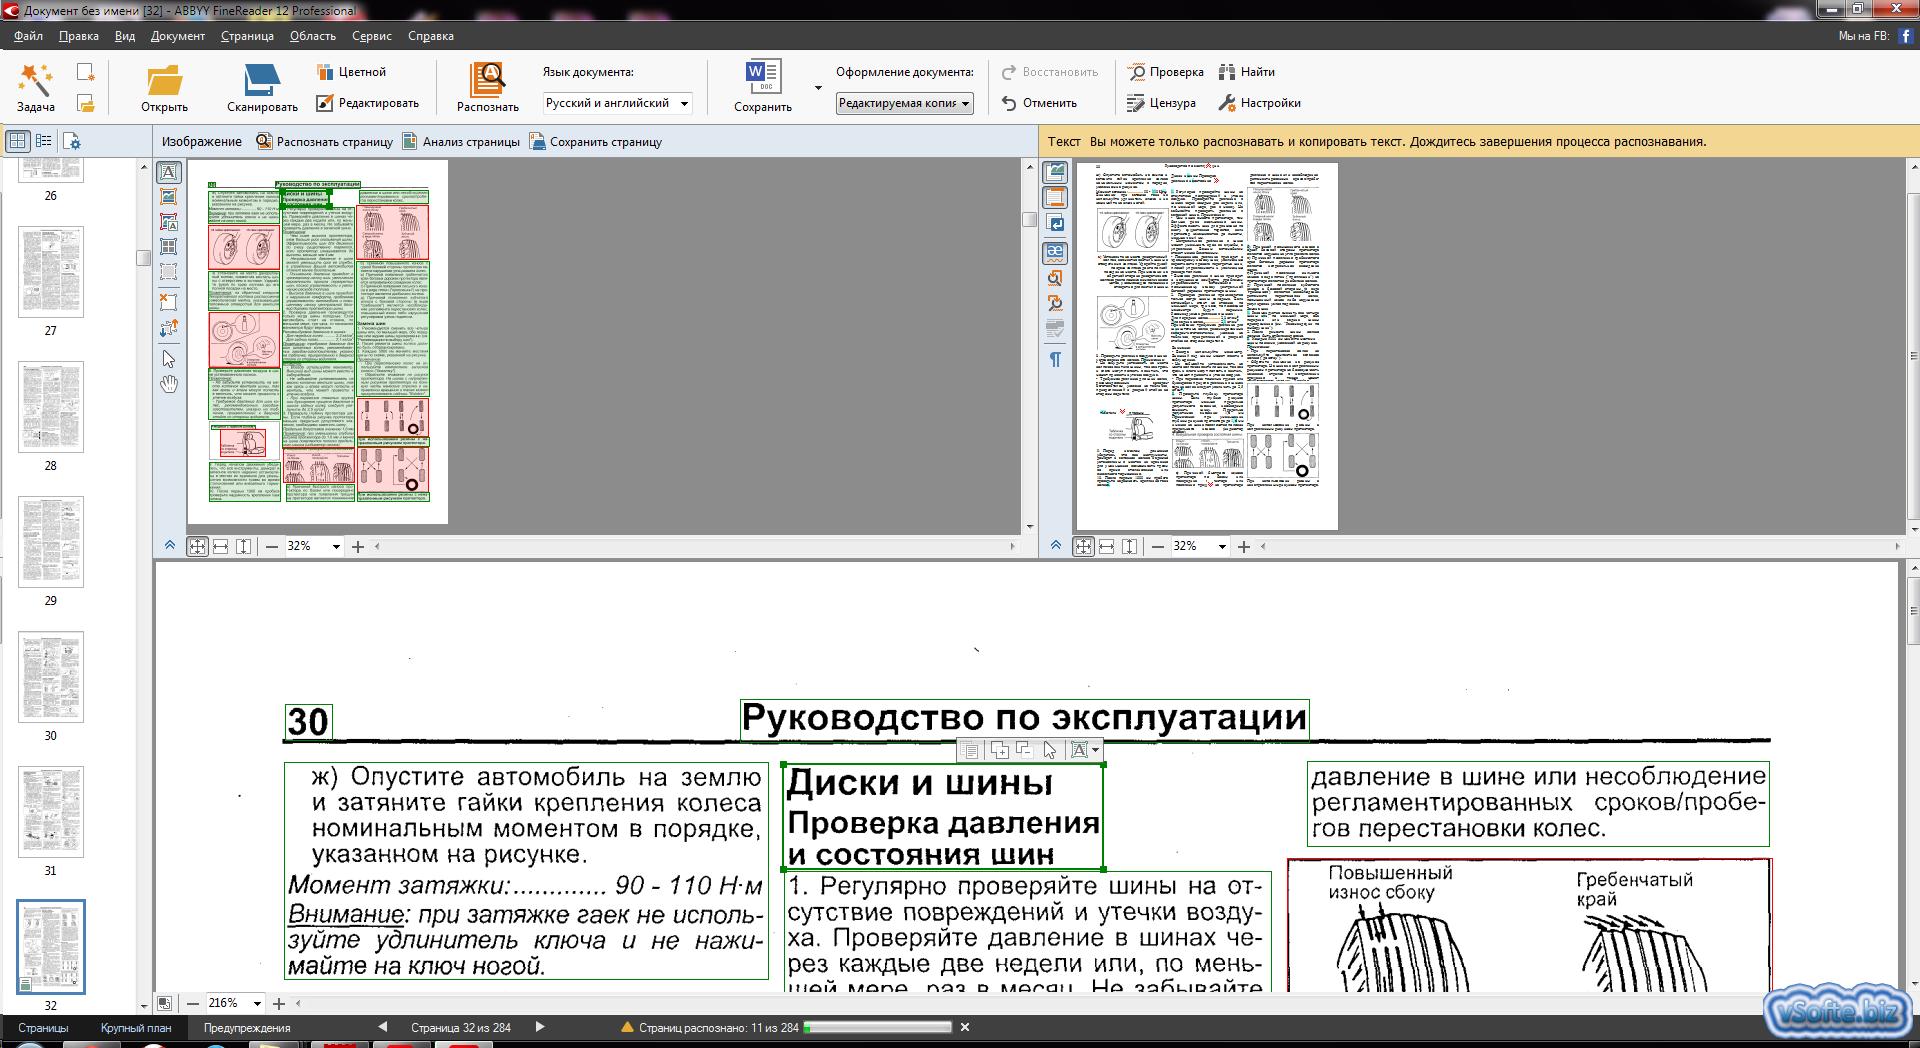 Скачать программу для копирования текста с фото